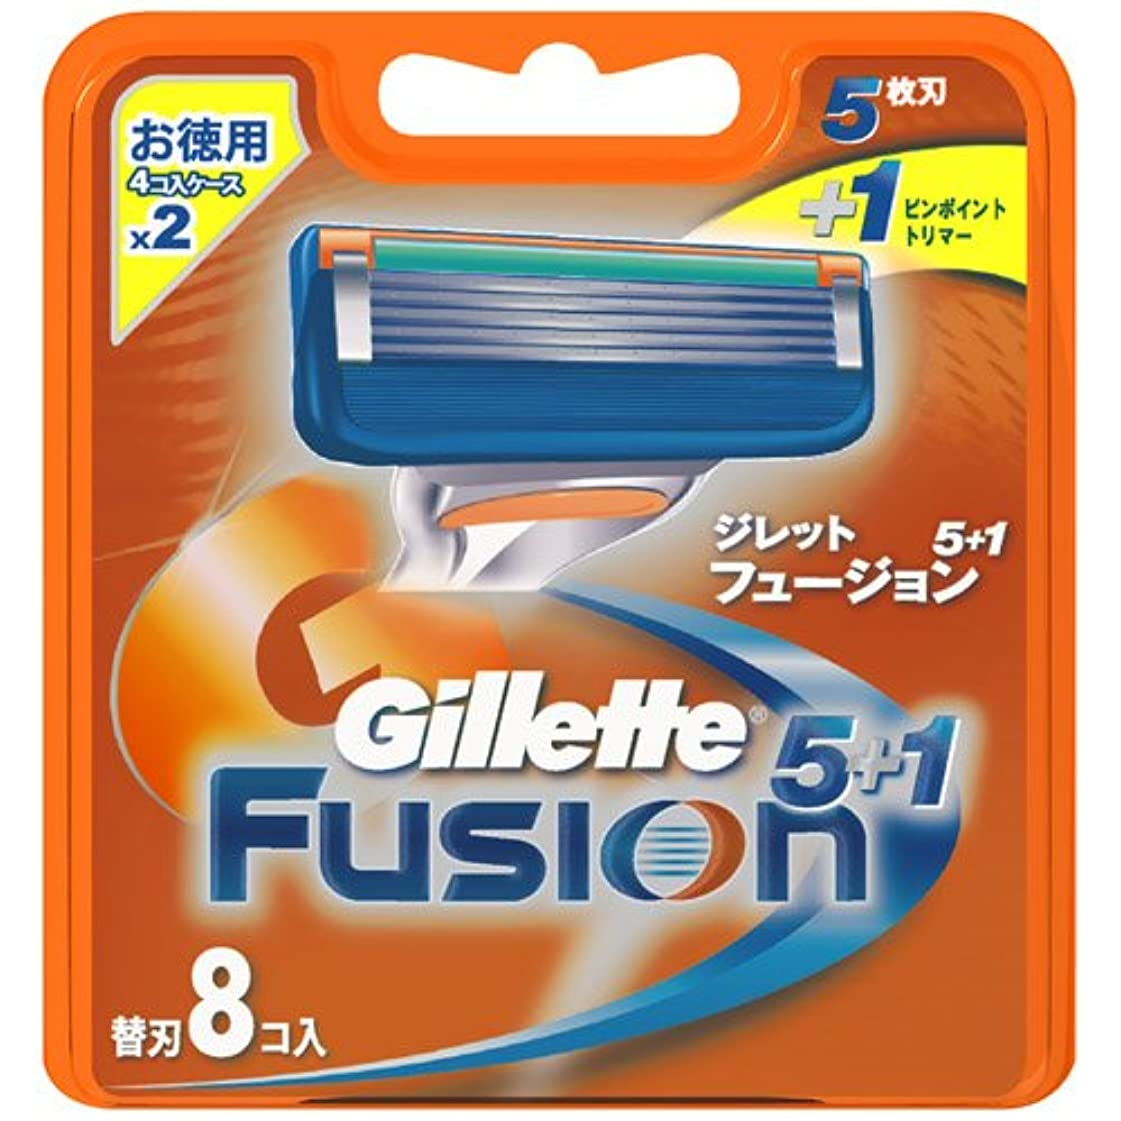 供給脅威を通してジレット フュージョン5+1 専用替刃 8B